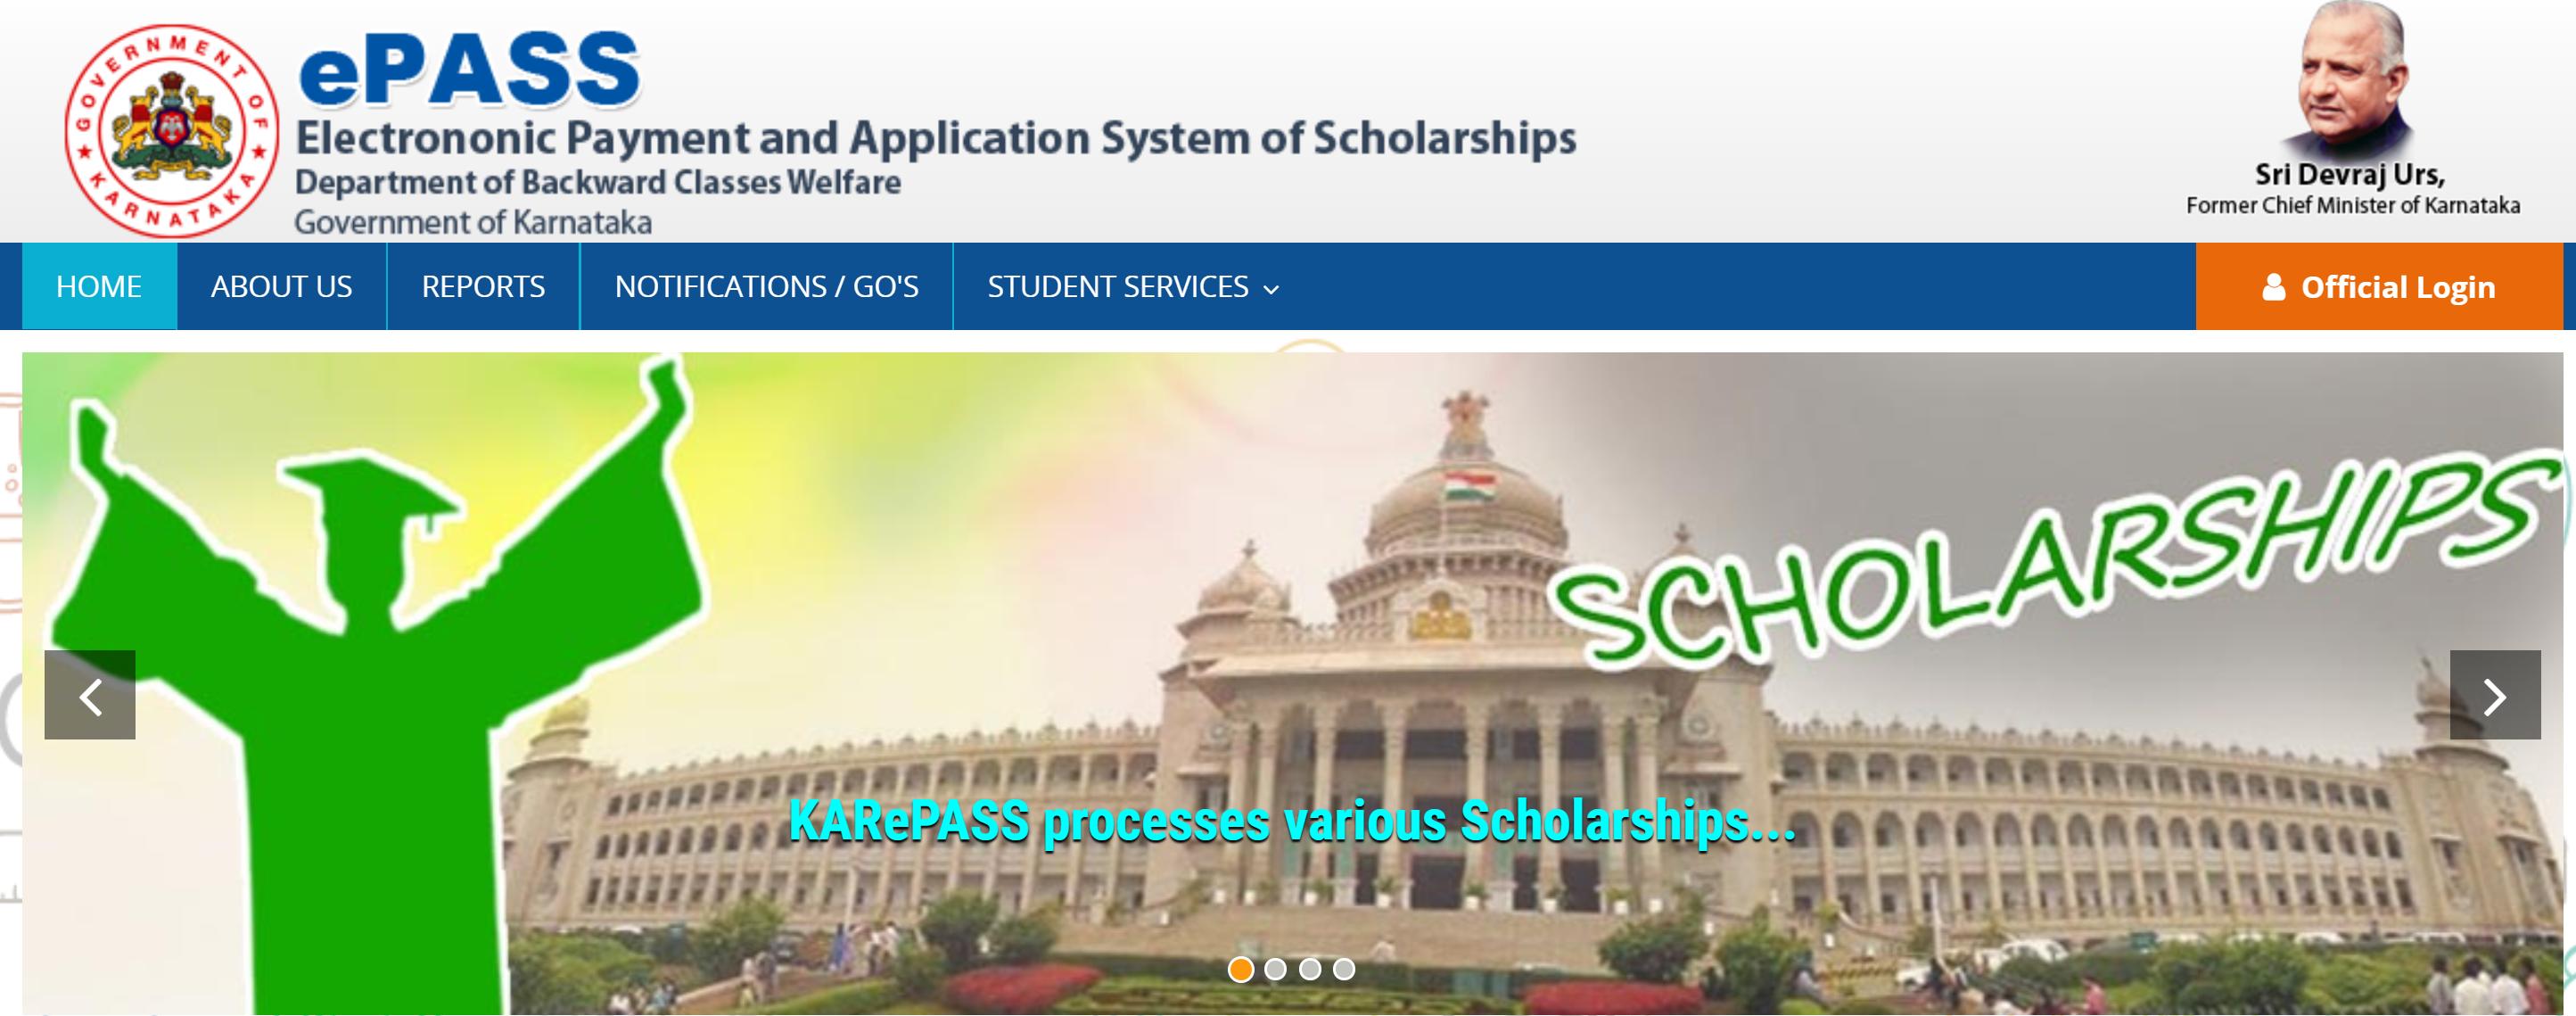 Karnataka Vidyasiri Scholarship 2021